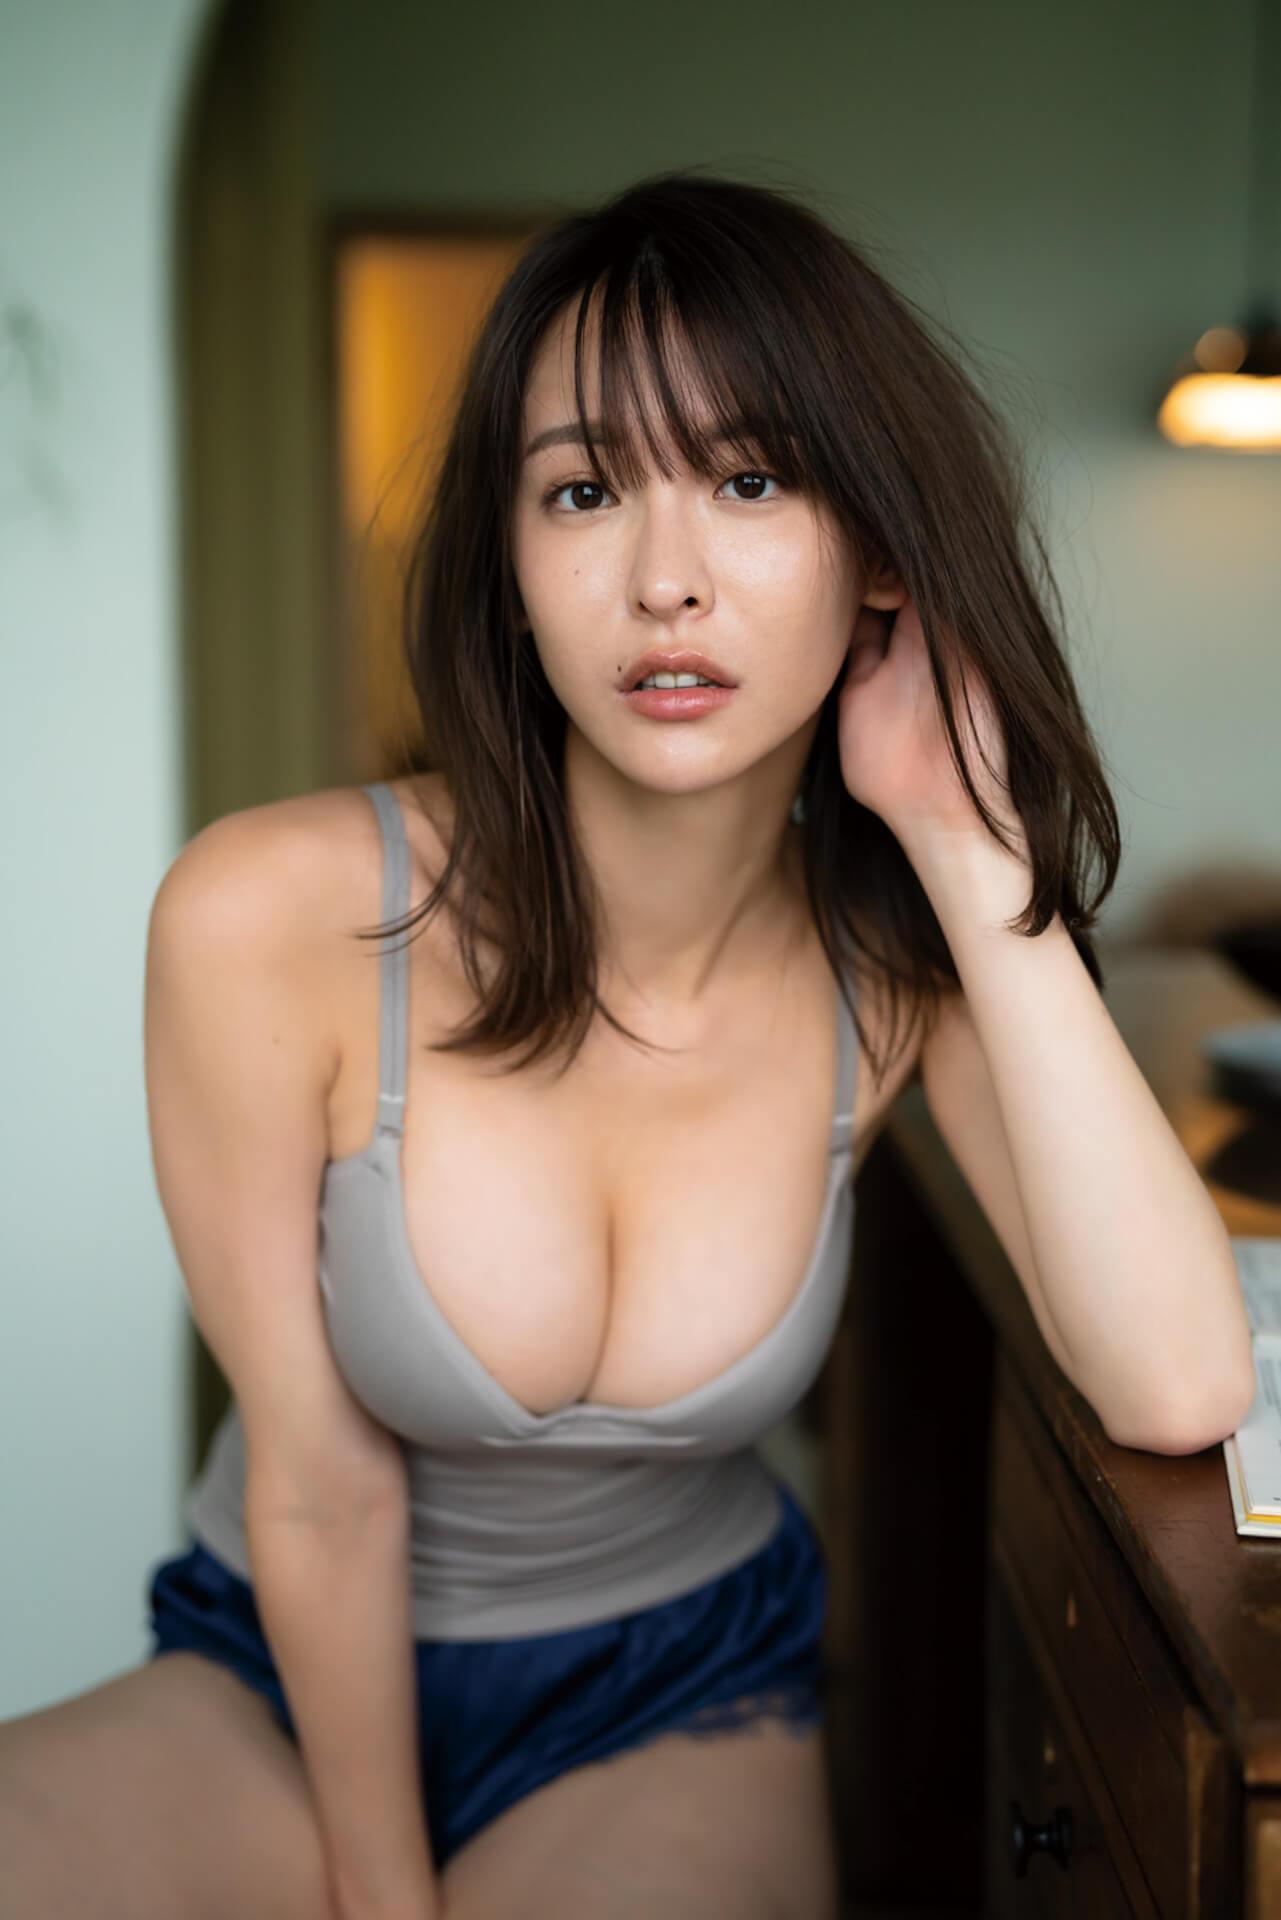 """""""いま最も写真集が売れる""""と話題の奈月セナが限界露出に挑戦した裸身を披露!新写真集『たまゆら』の発売が決定 art210511_natsukisena_4"""